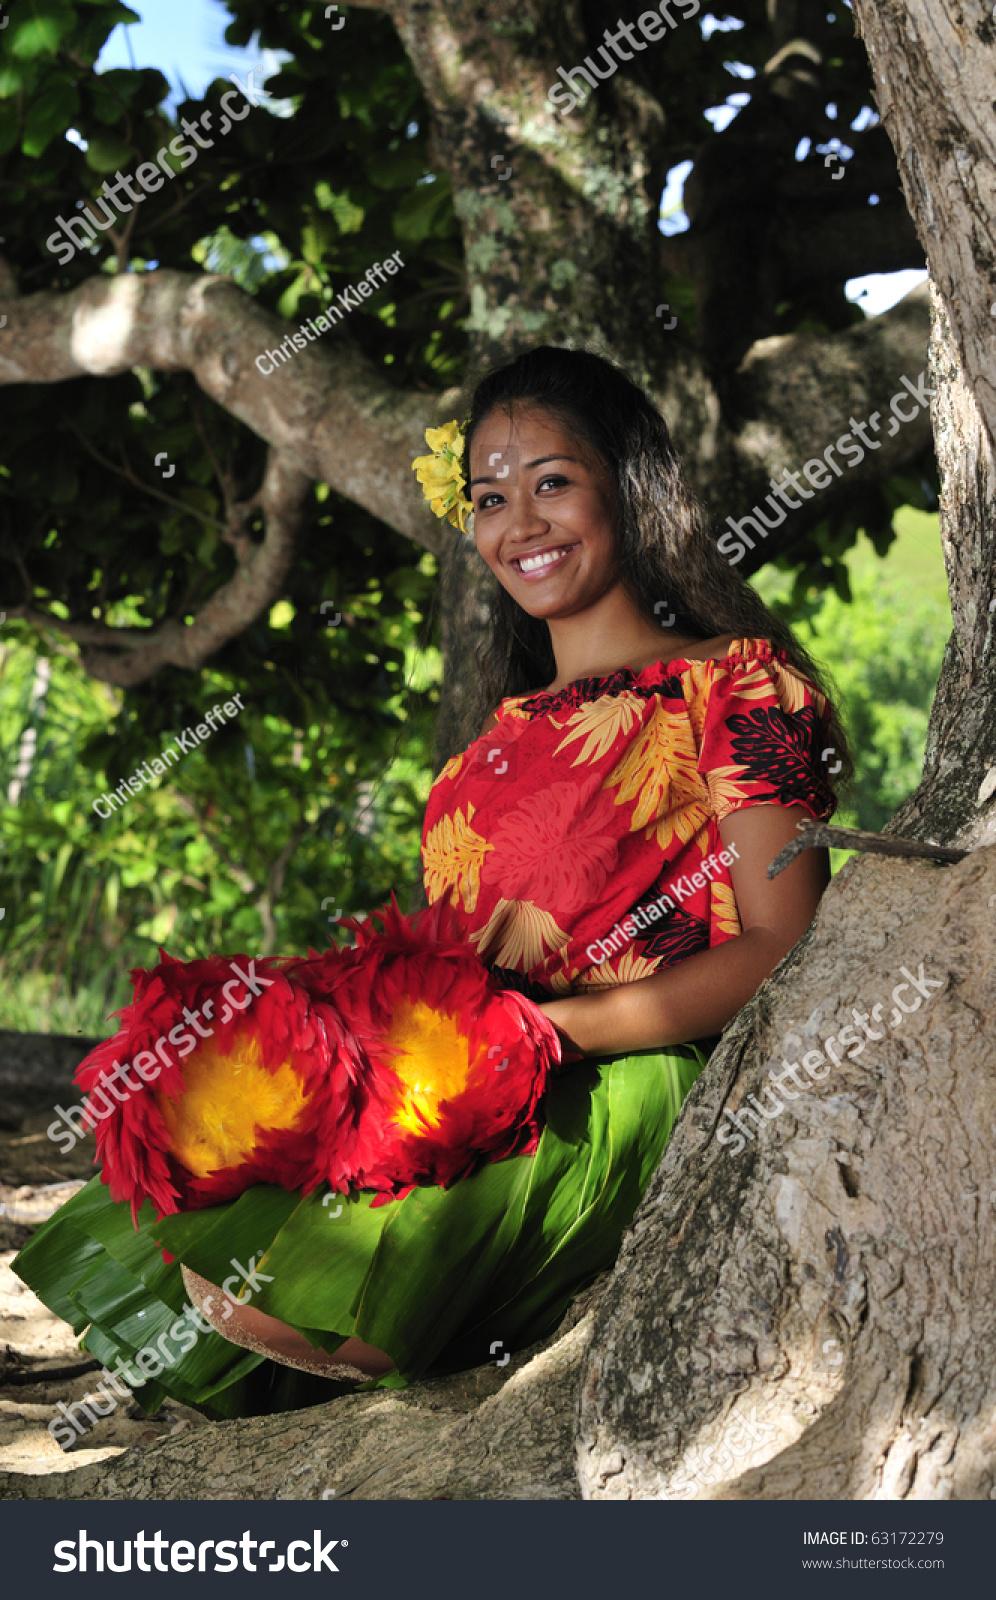 Native hawaiian dating